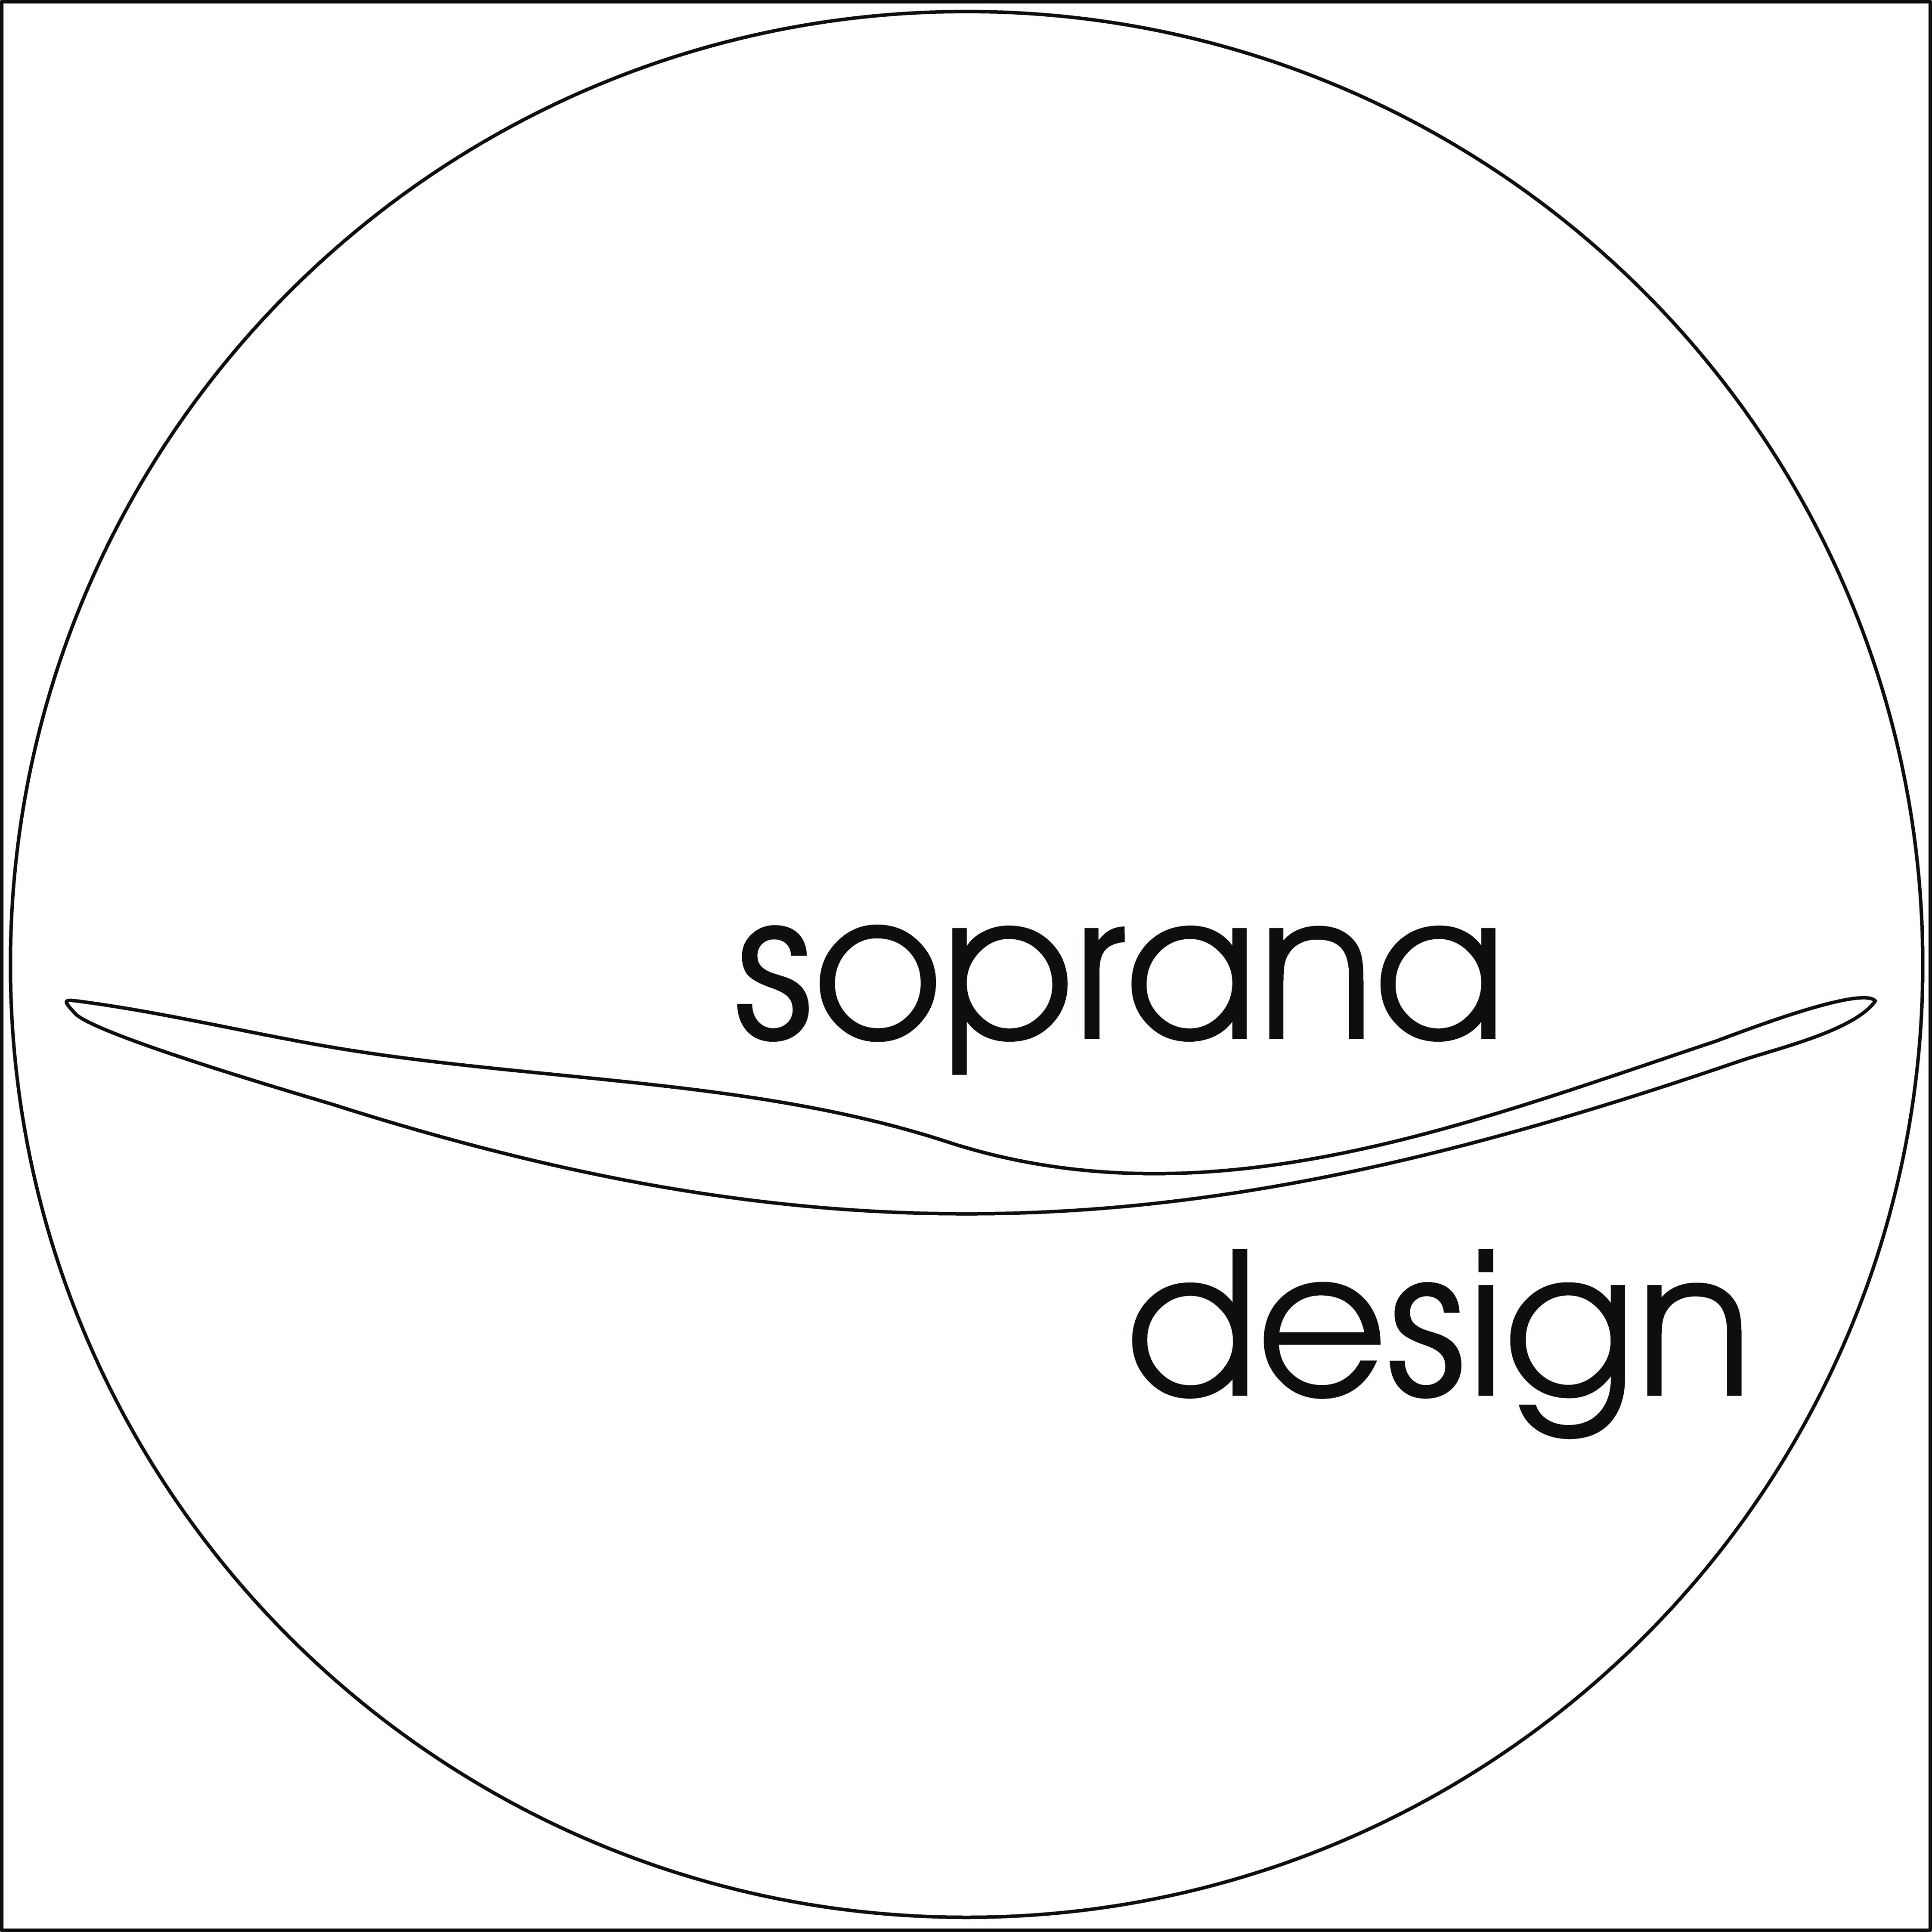 Soprana Design